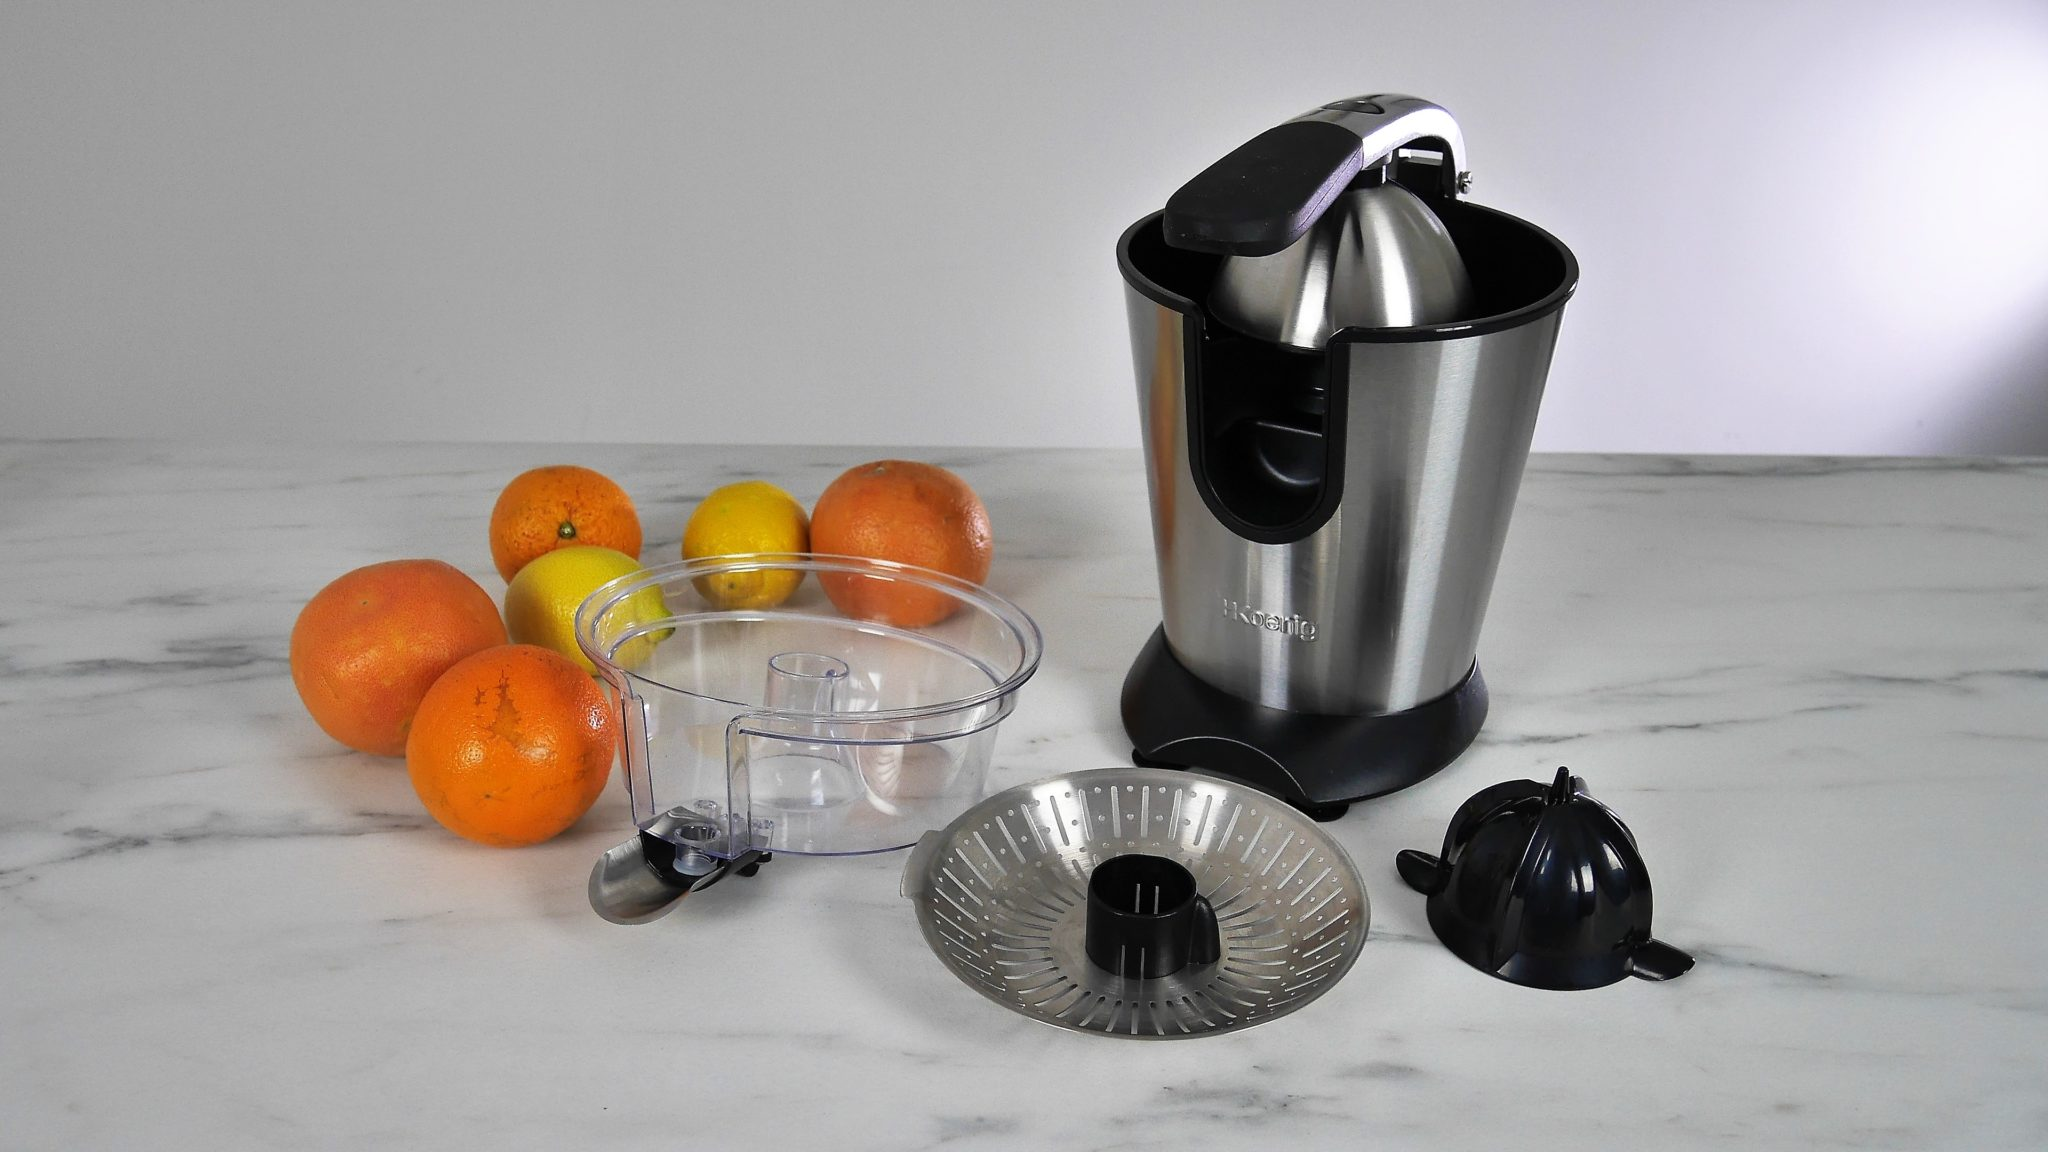 H.Koenig Presse Argumes Electrique levier professionnel Inox AGR80 Sans BPA